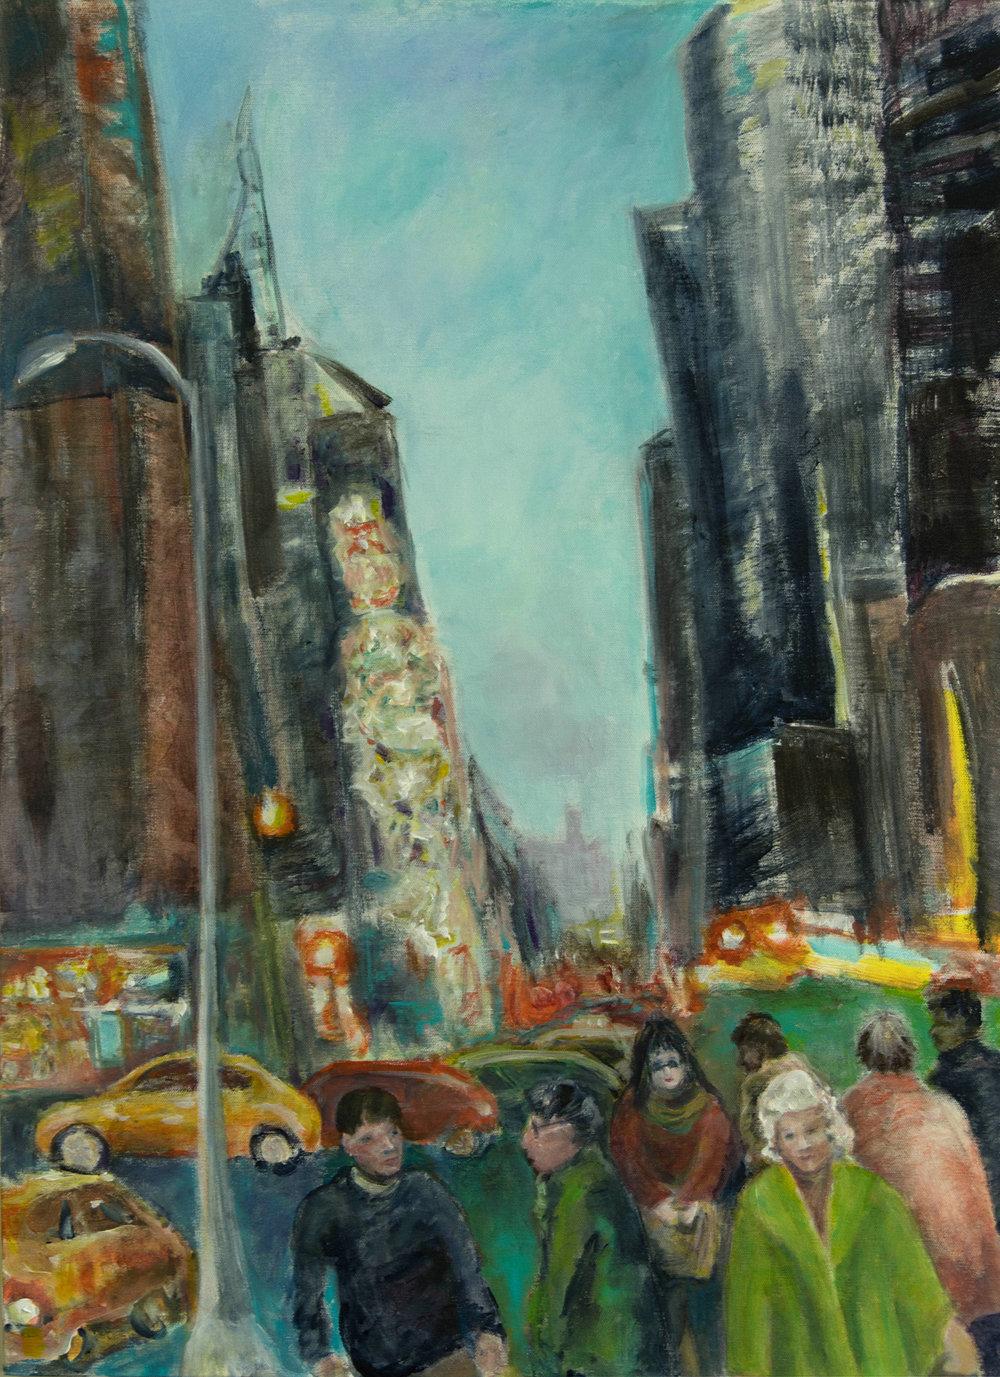 Going Home,, acrylic on canvas, 24 x 30, Rachel Lulov, 2018